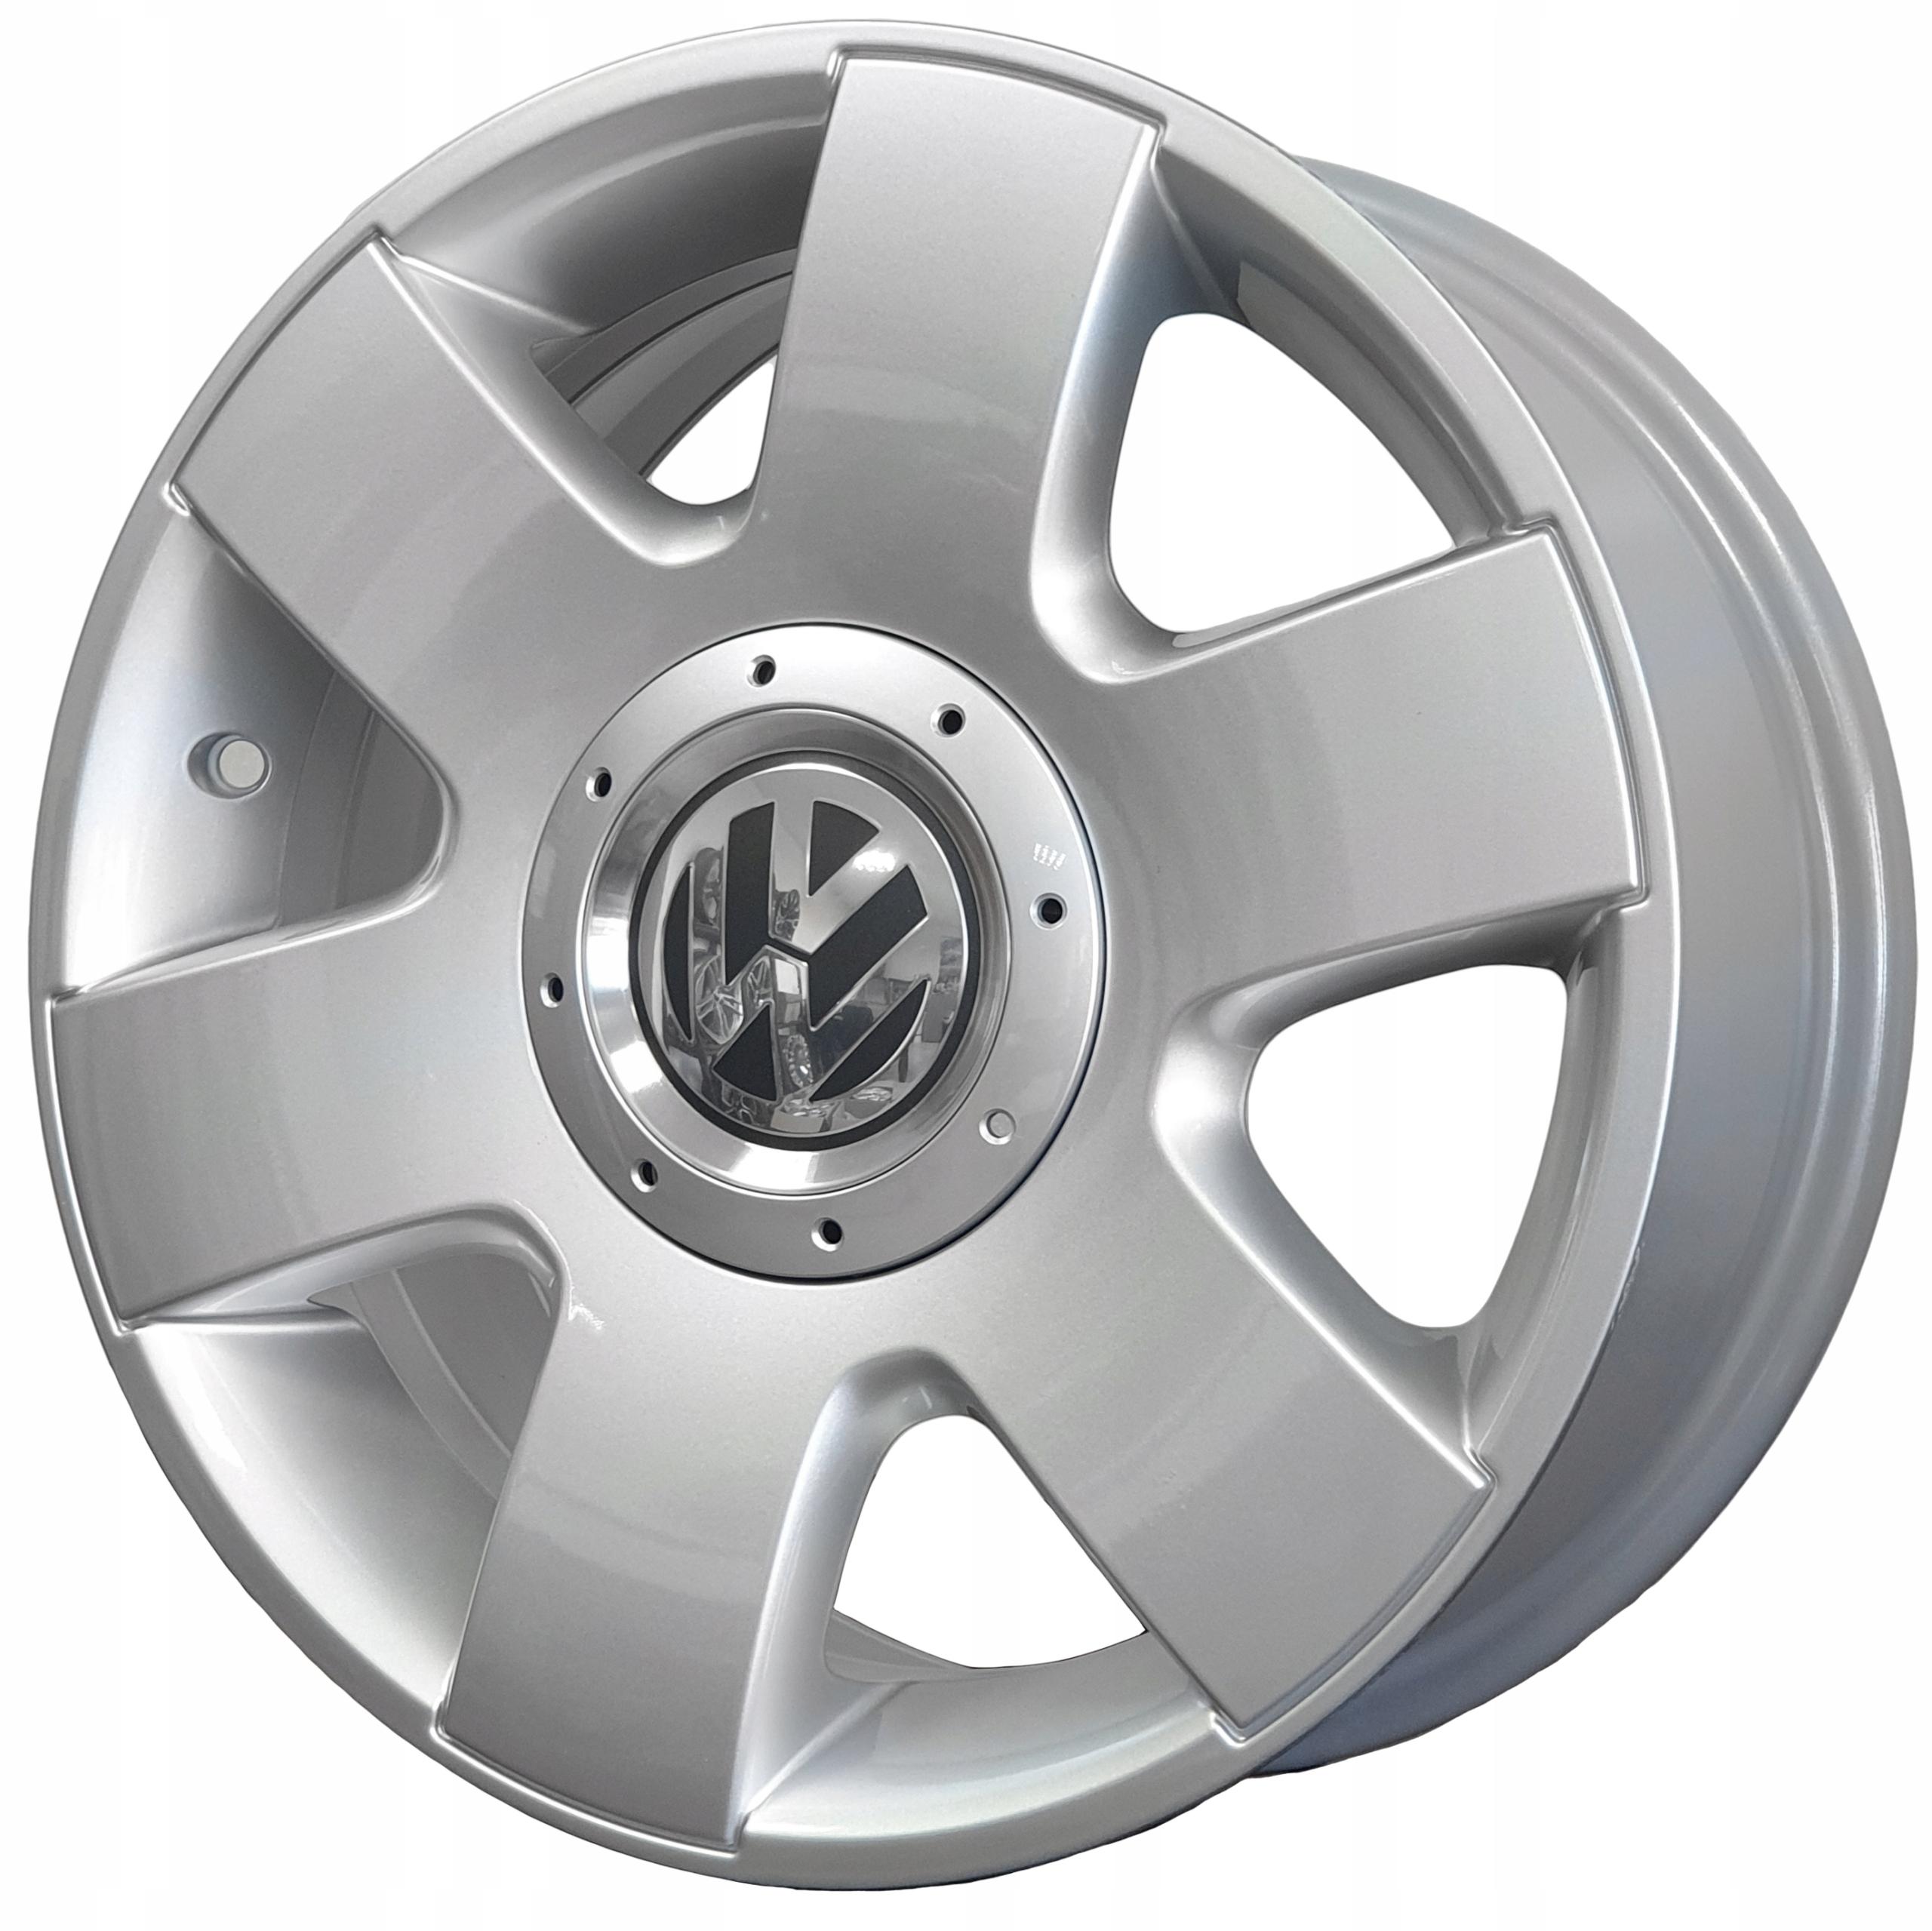 FELGI 15 5x112 VW PASSAT B6 B7 GOLF V VI VII 5 6 7